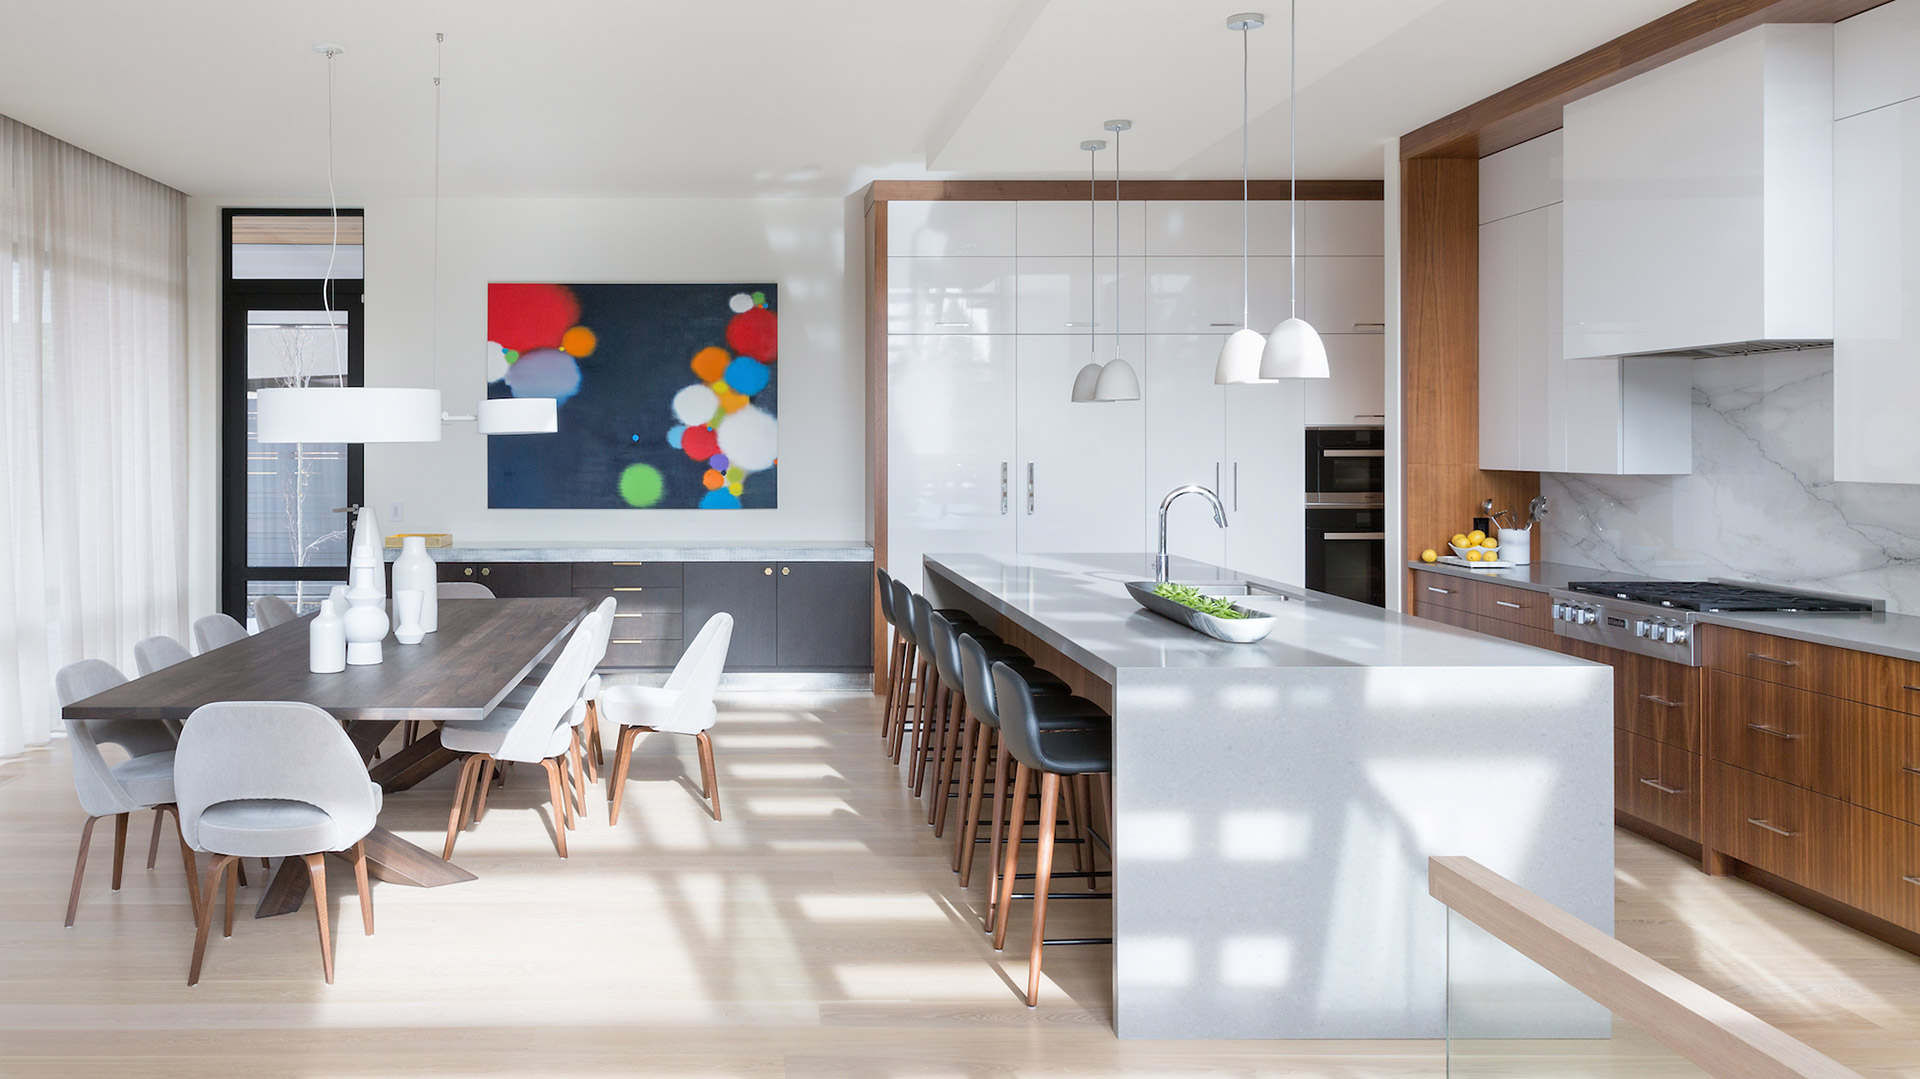 Cuisine moderne réalisée par Ateliers Jacob. Les armoires et la table en bois contrastent très joliment avec la blancheur du comptoir et du mur en marbre intégré.